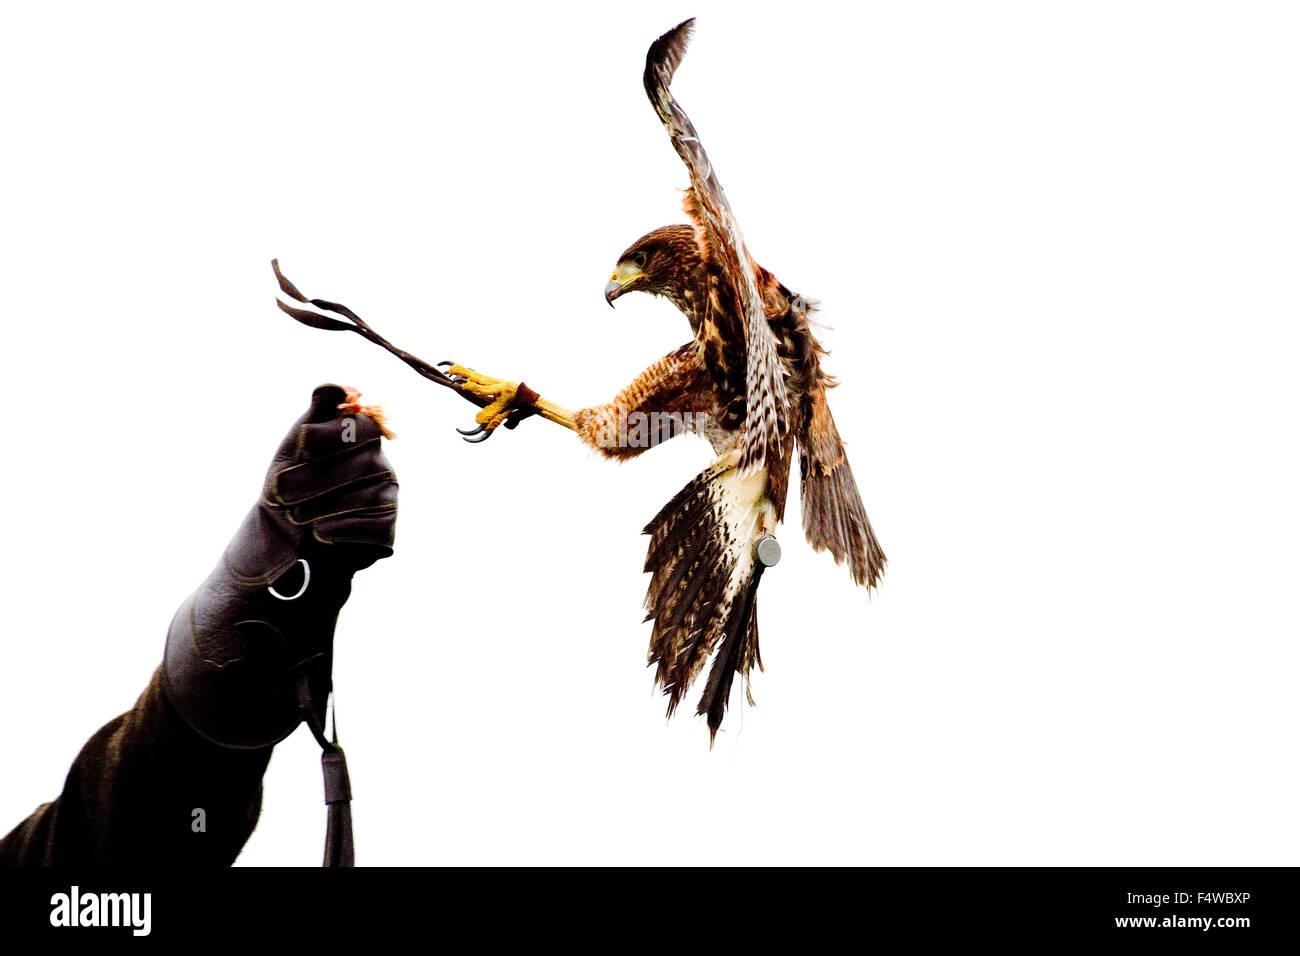 Adler, packte den Köder aus einer Person, Harris hawk Stockbild